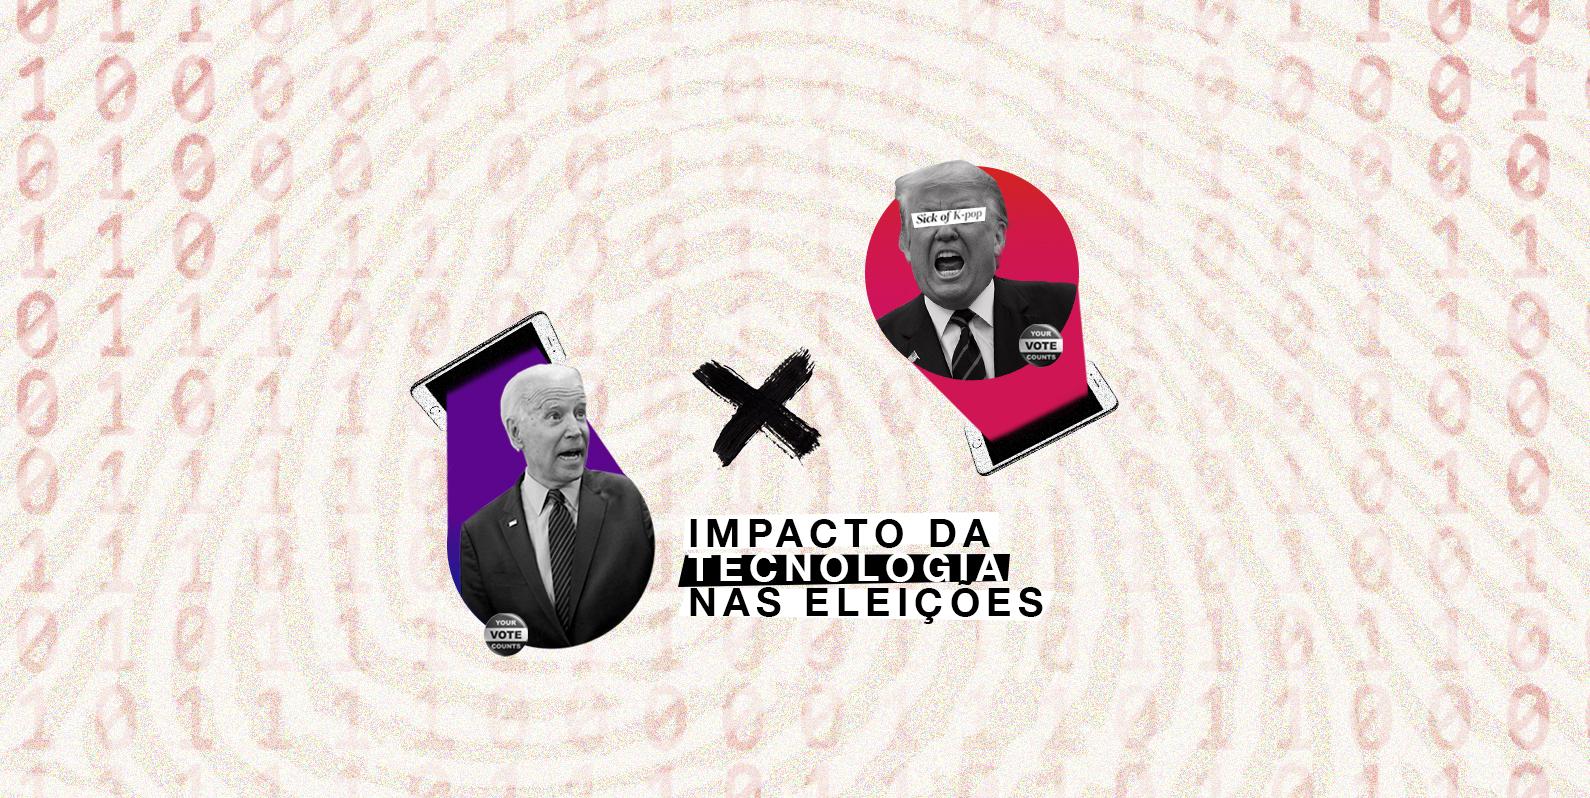 Impacto da tecnologia nas eleições